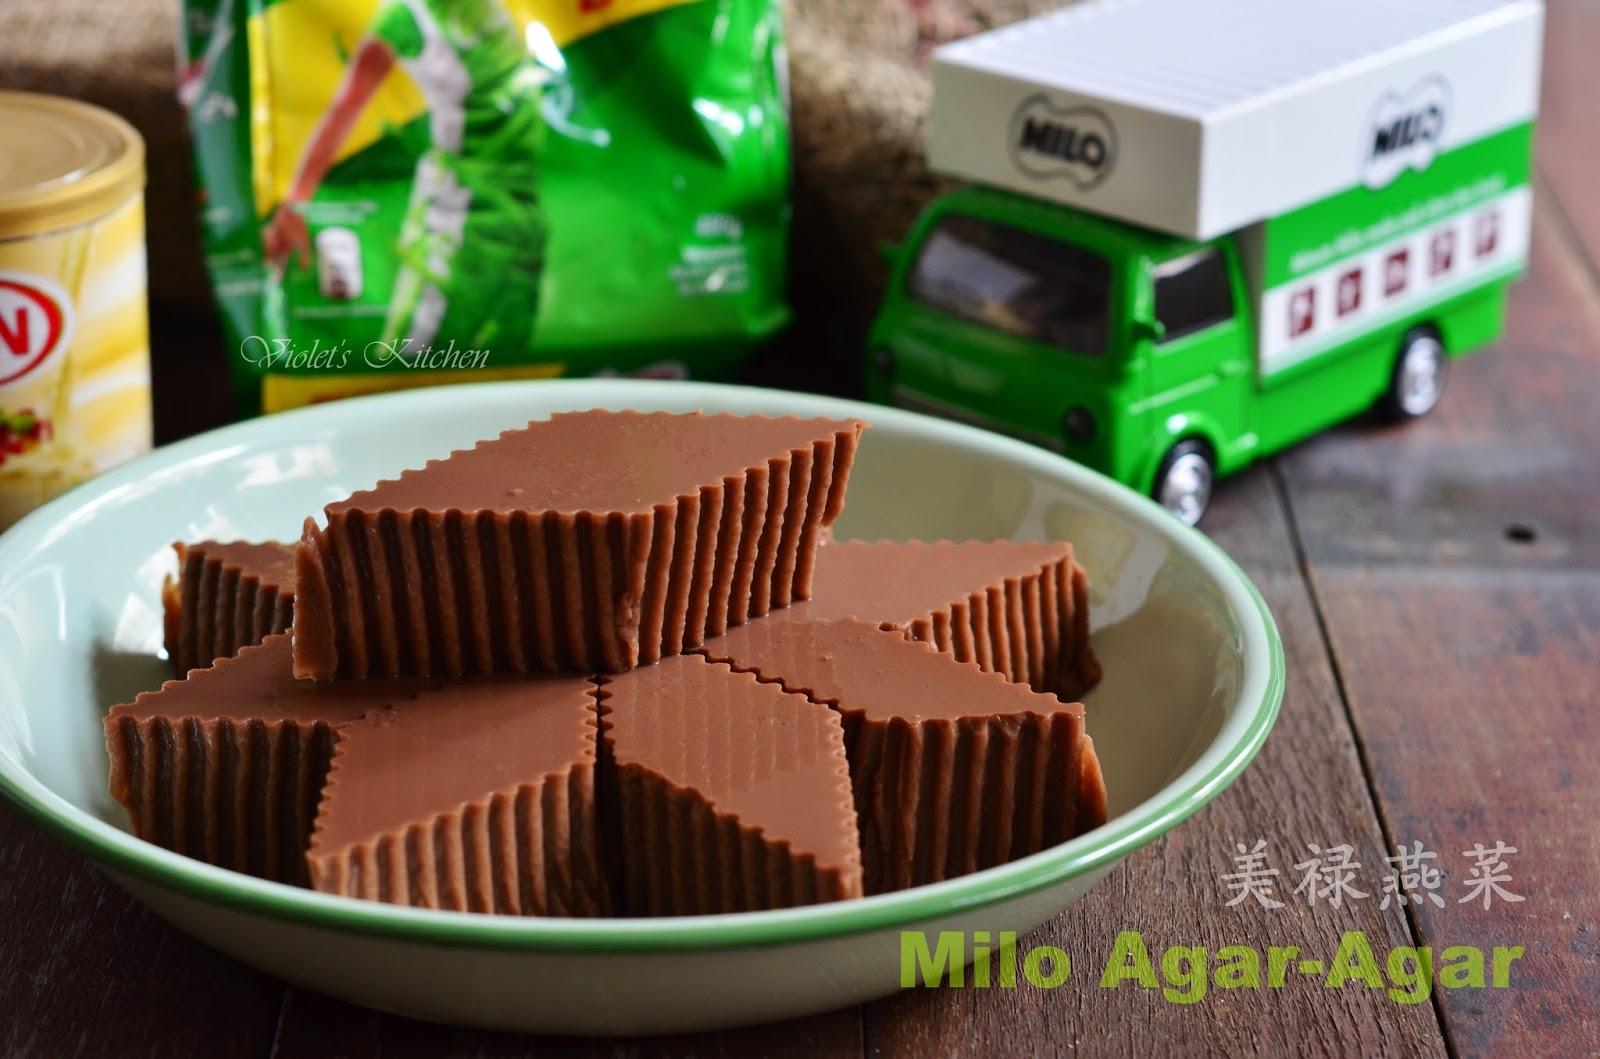 Violet's Kitchen ~♥紫羅蘭的愛心廚房♥~ : 美祿燕菜 Milo Agar-Agar